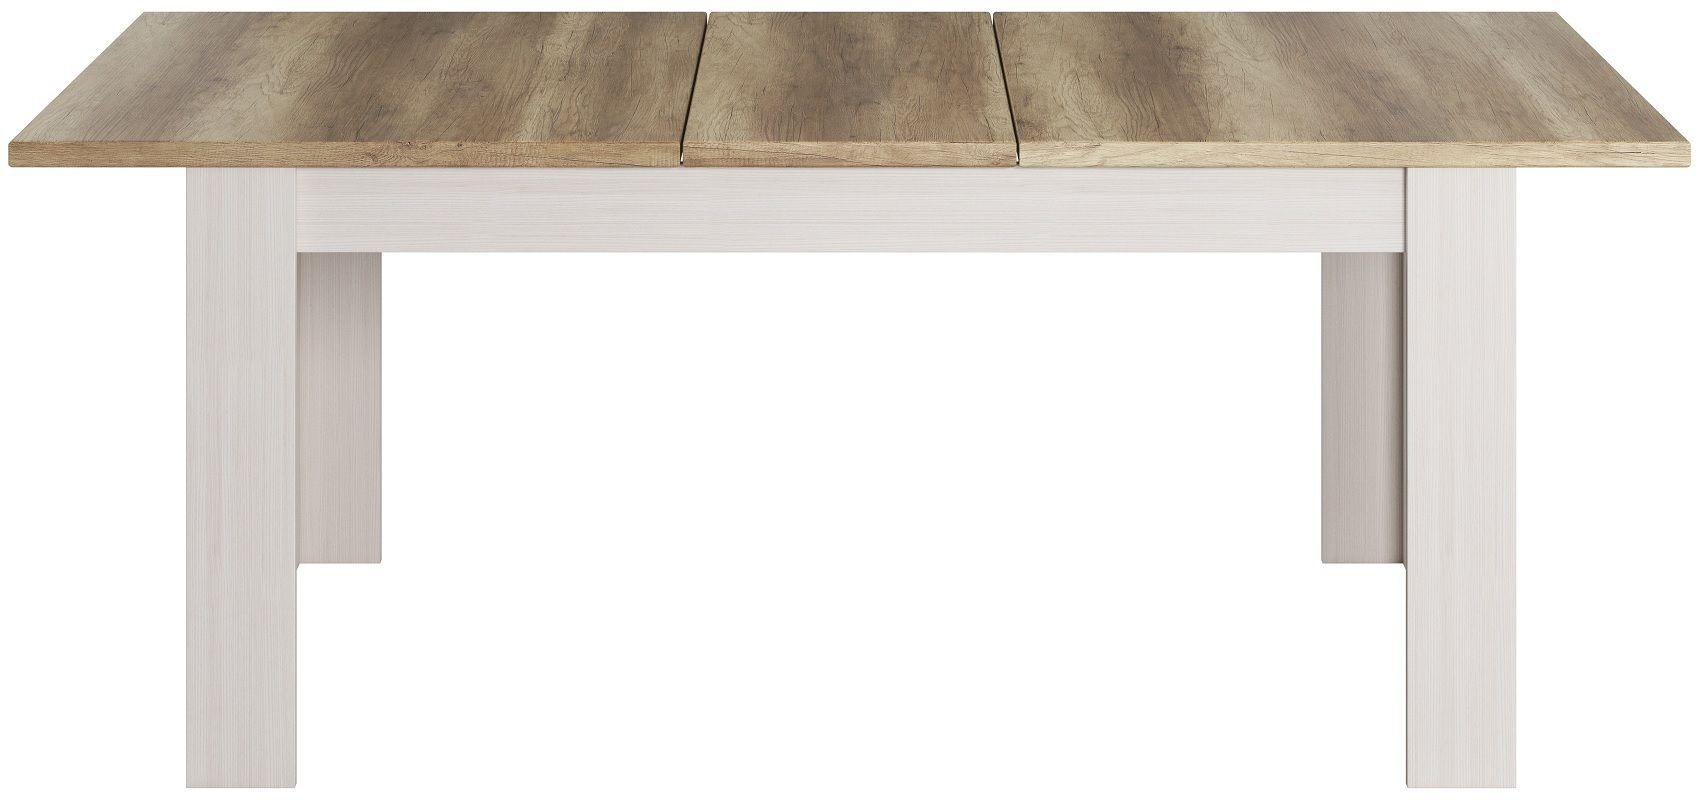 stolik provence 9 4